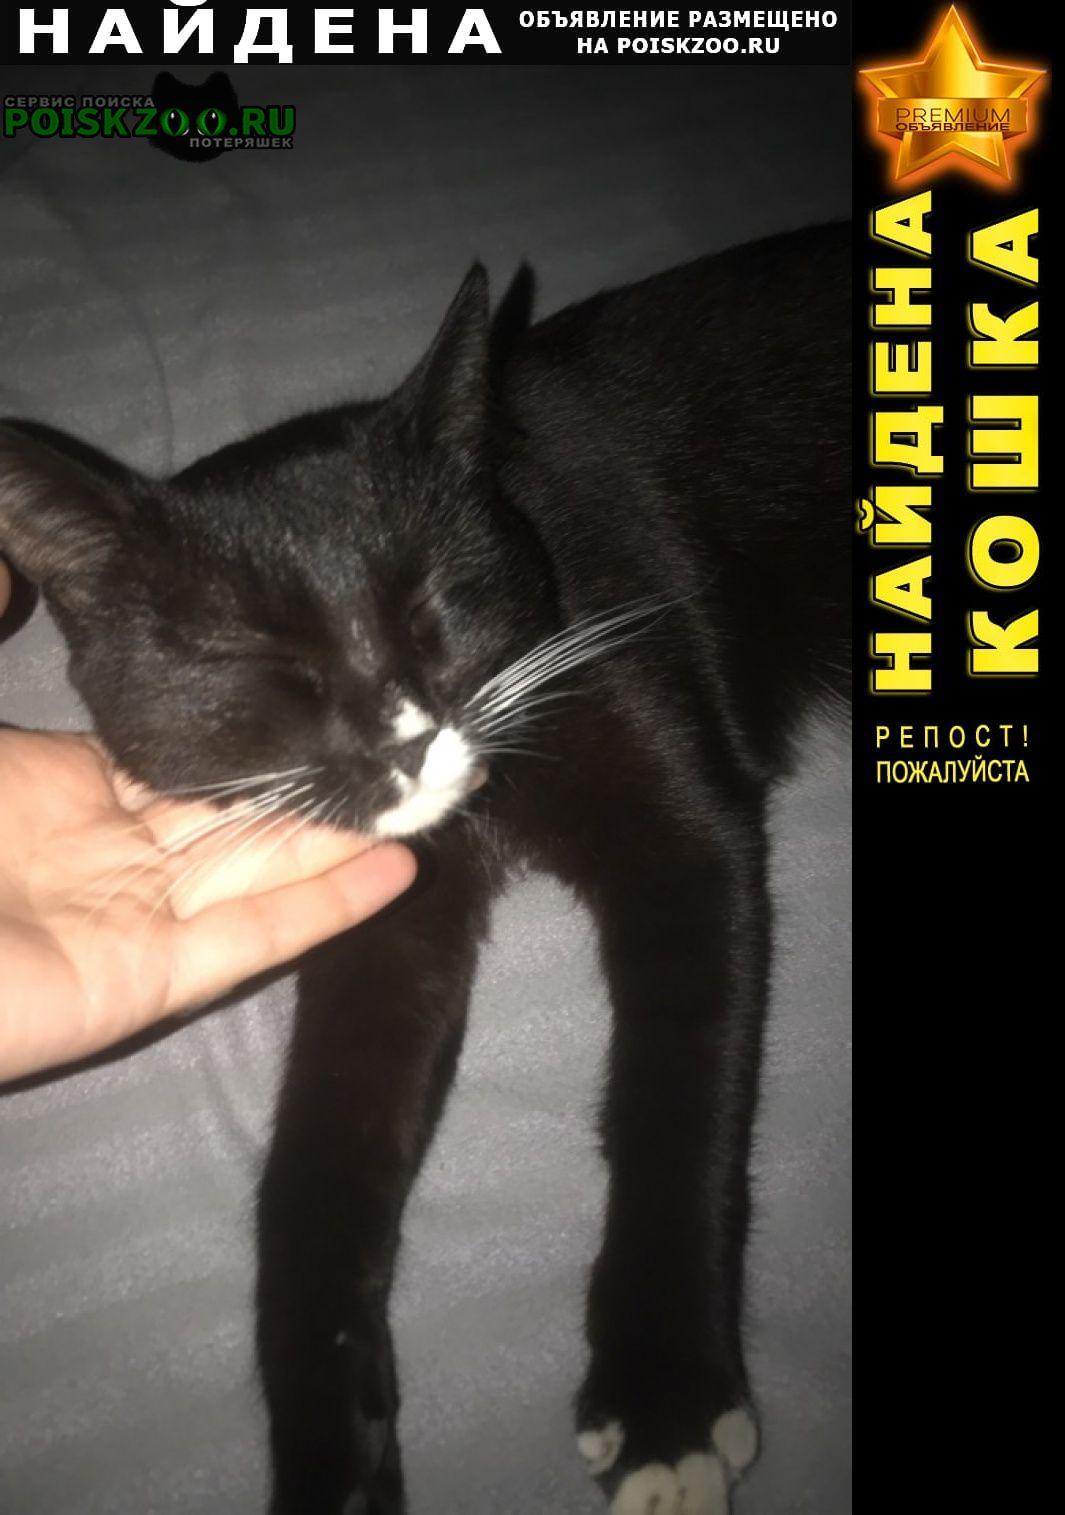 Найдена кошка малиновского 10 13 января 2021 Волгоград